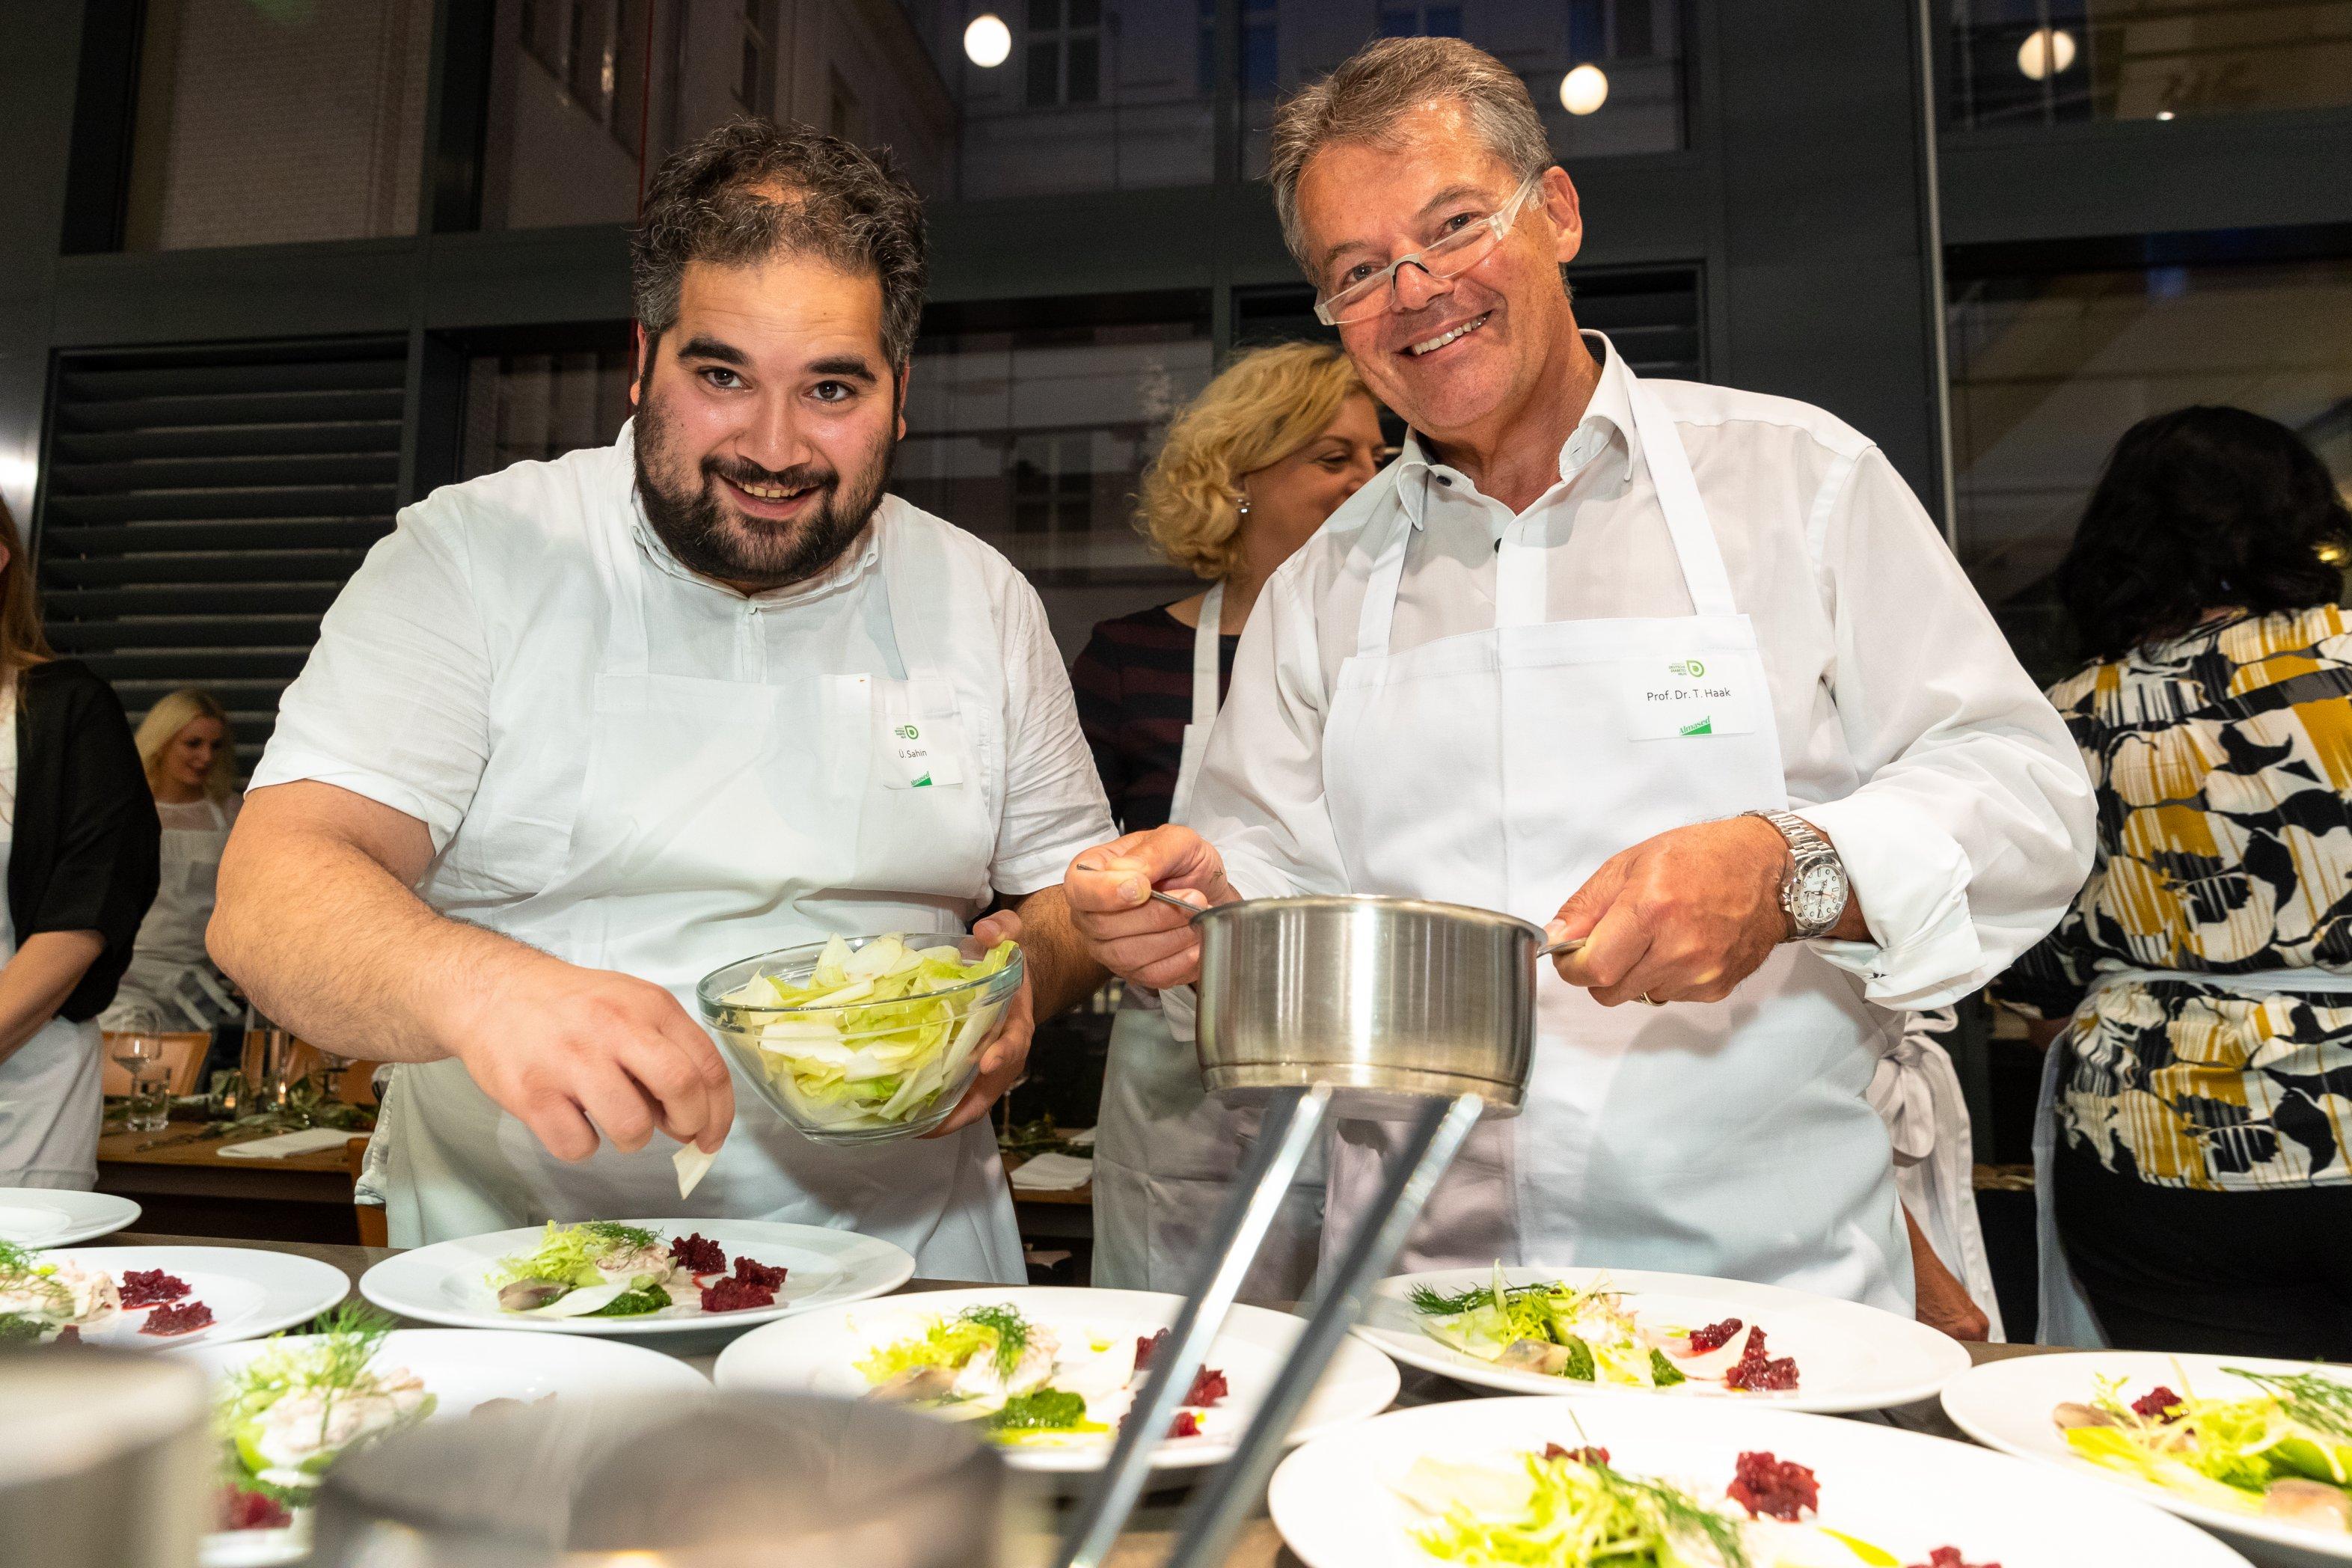 Parlamentarisches Kochen am 26.09.2019: Sahin und Haak